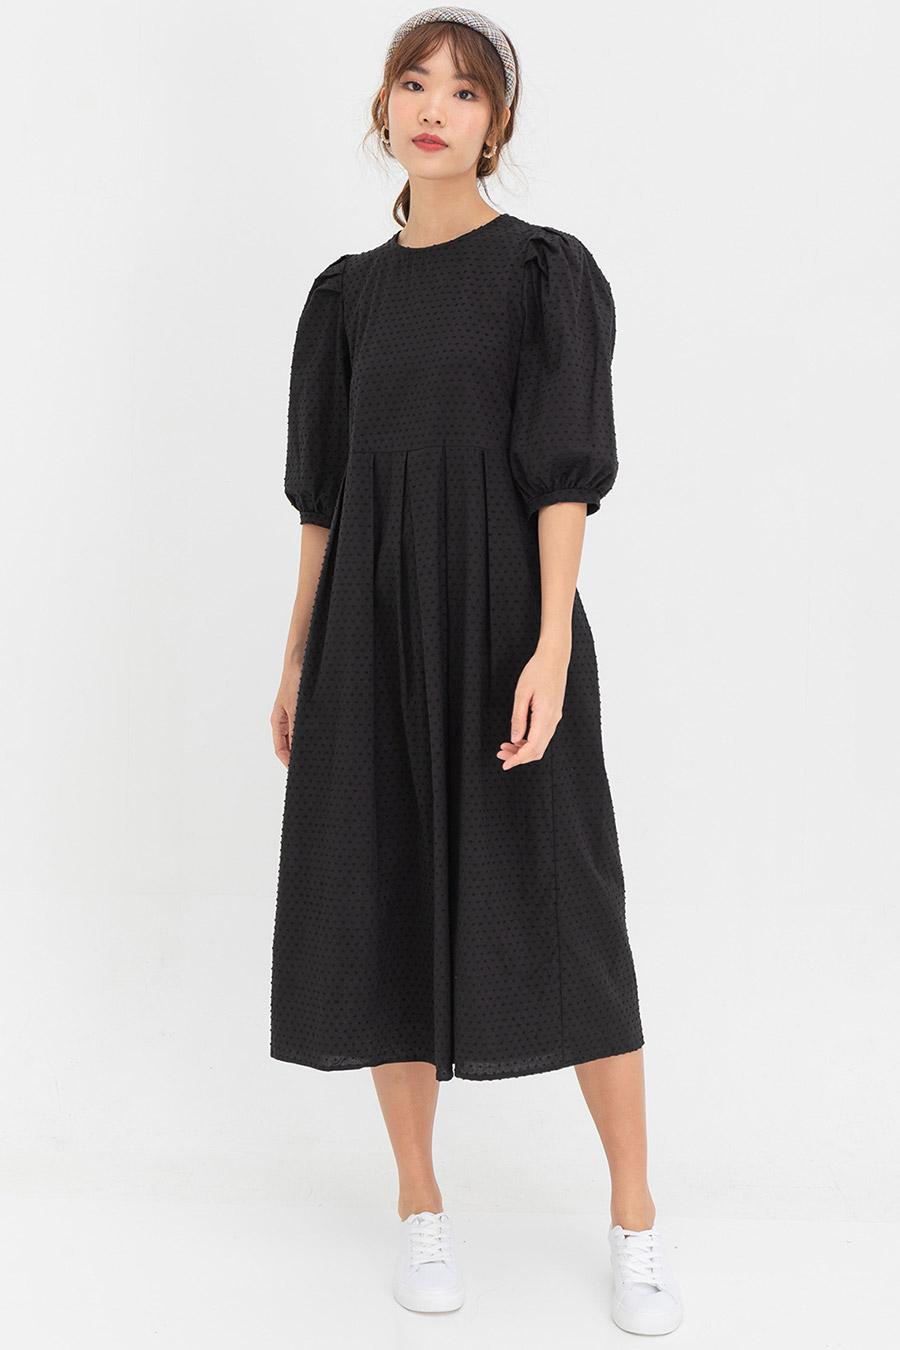 *BO* MISHAL DRESS - NOIR